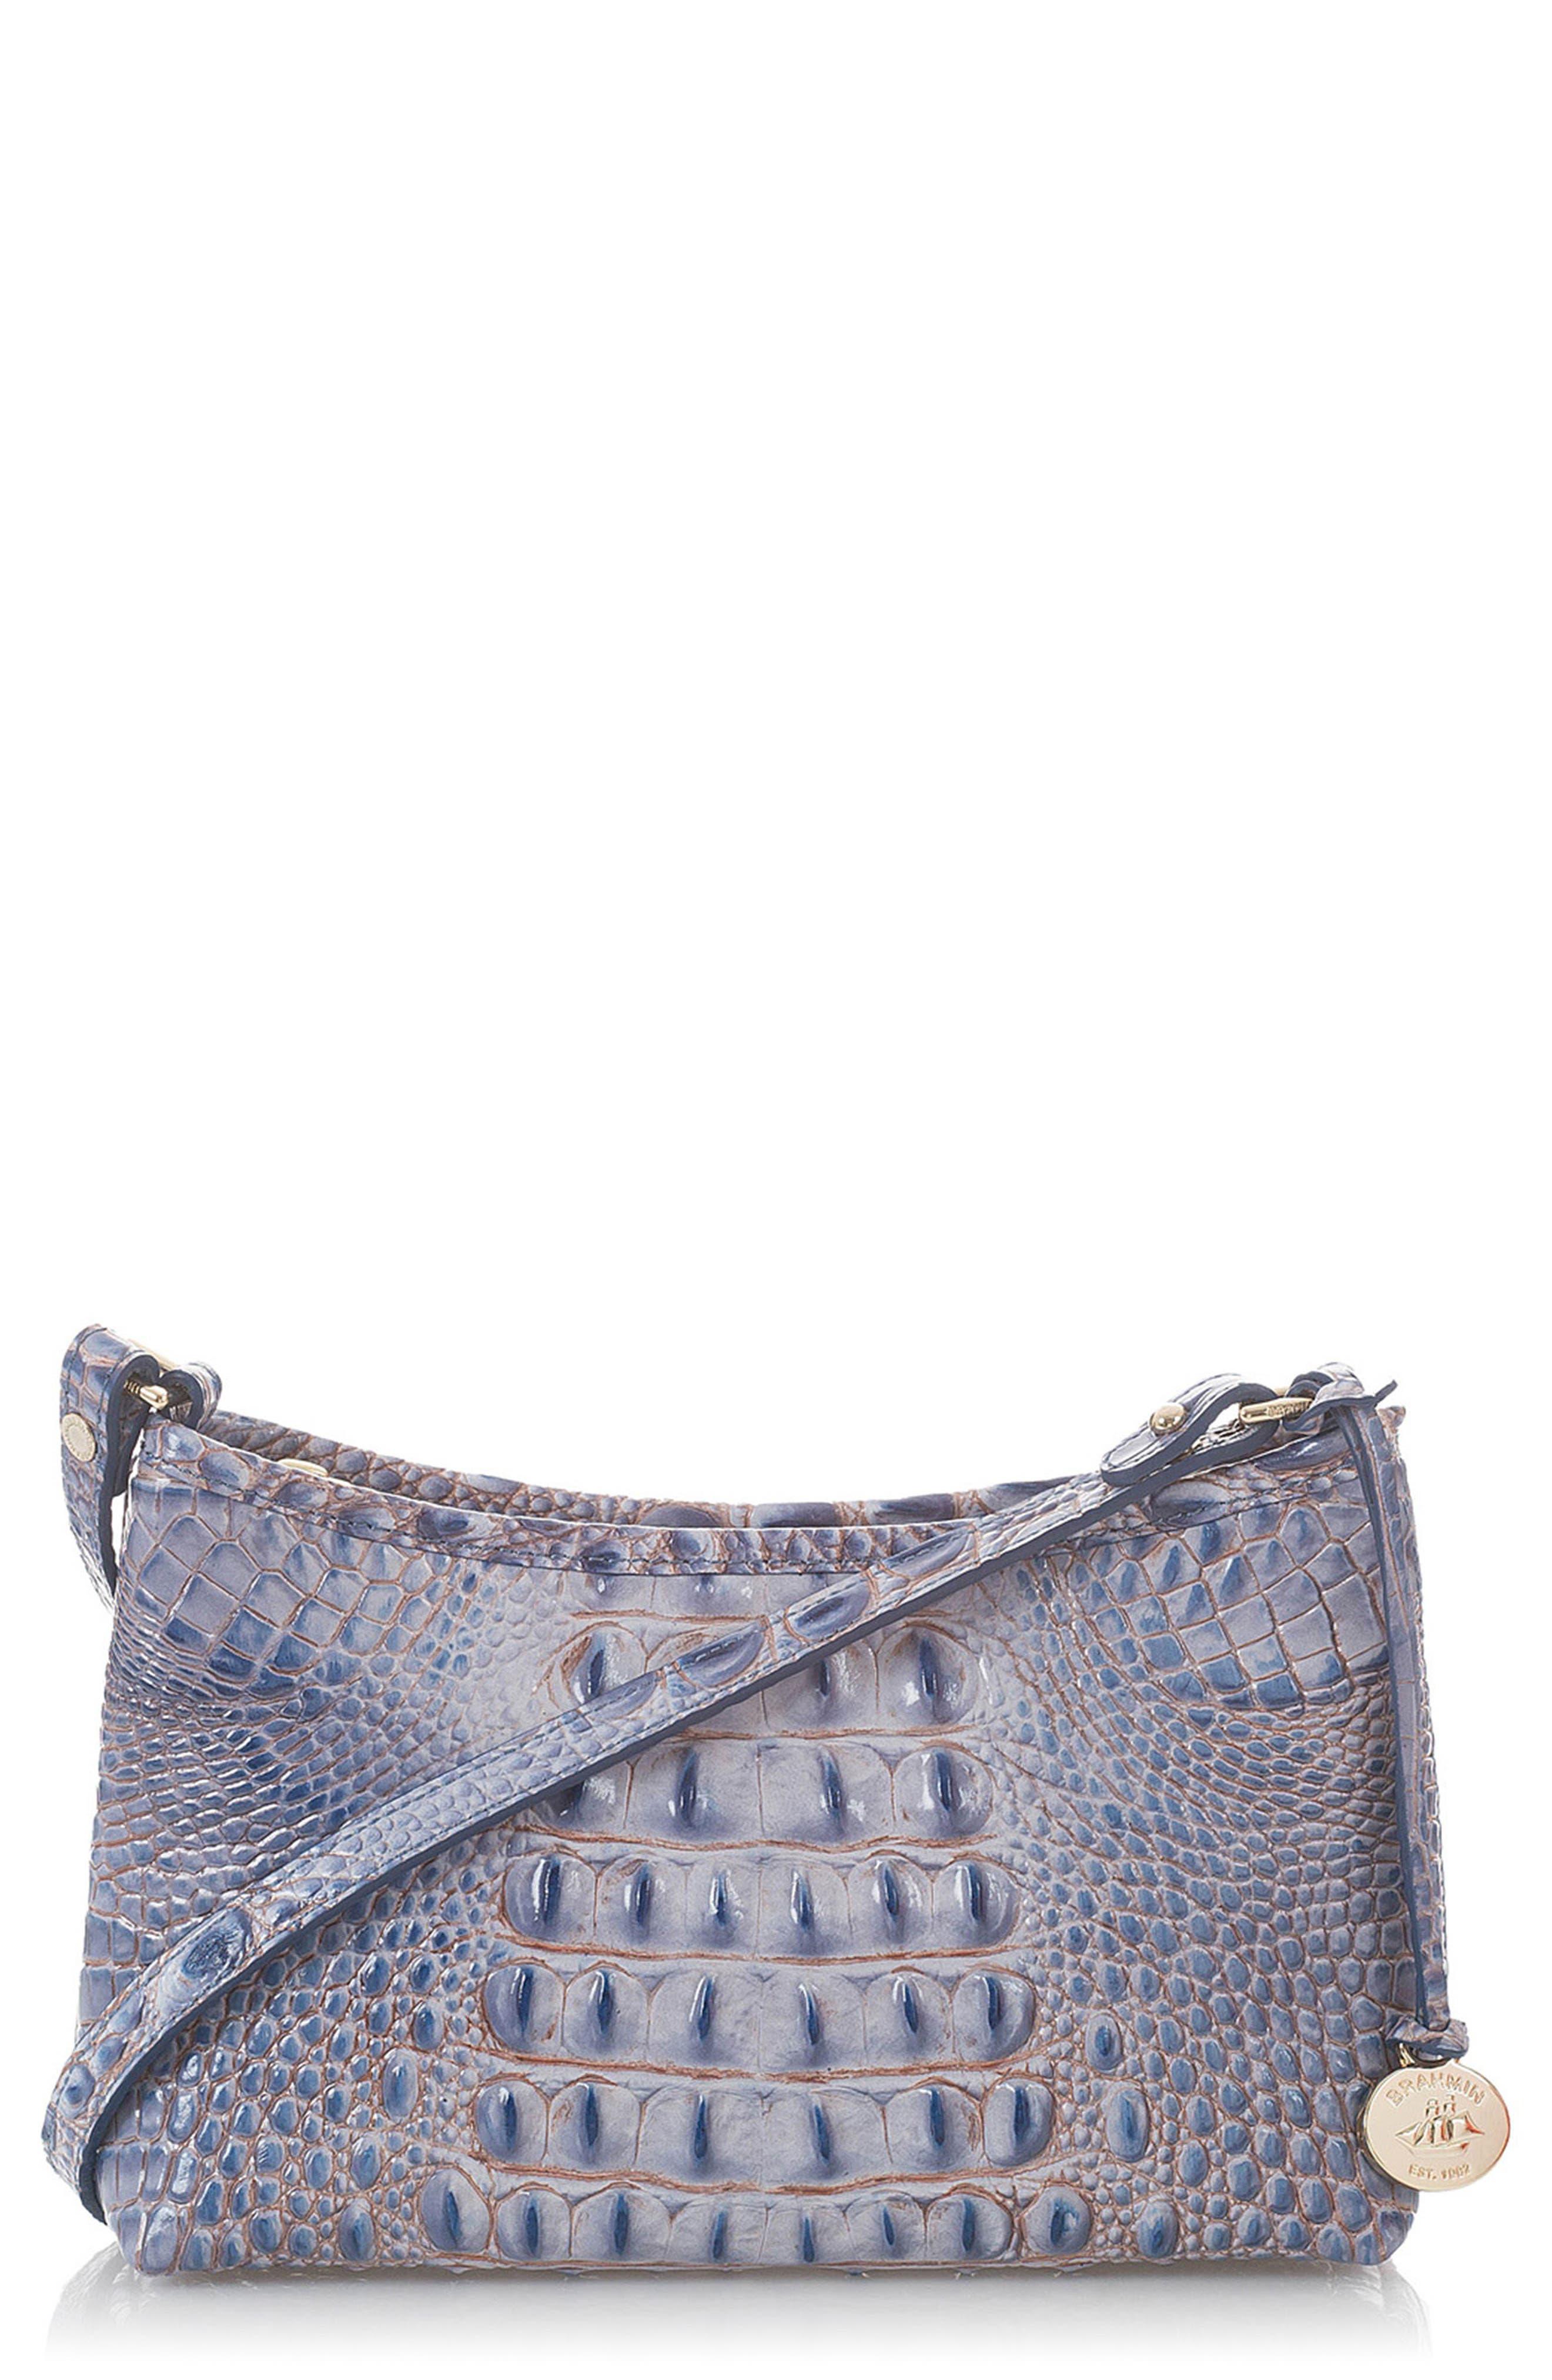 'Anytime - Mini' Convertible Handbag,                             Main thumbnail 4, color,